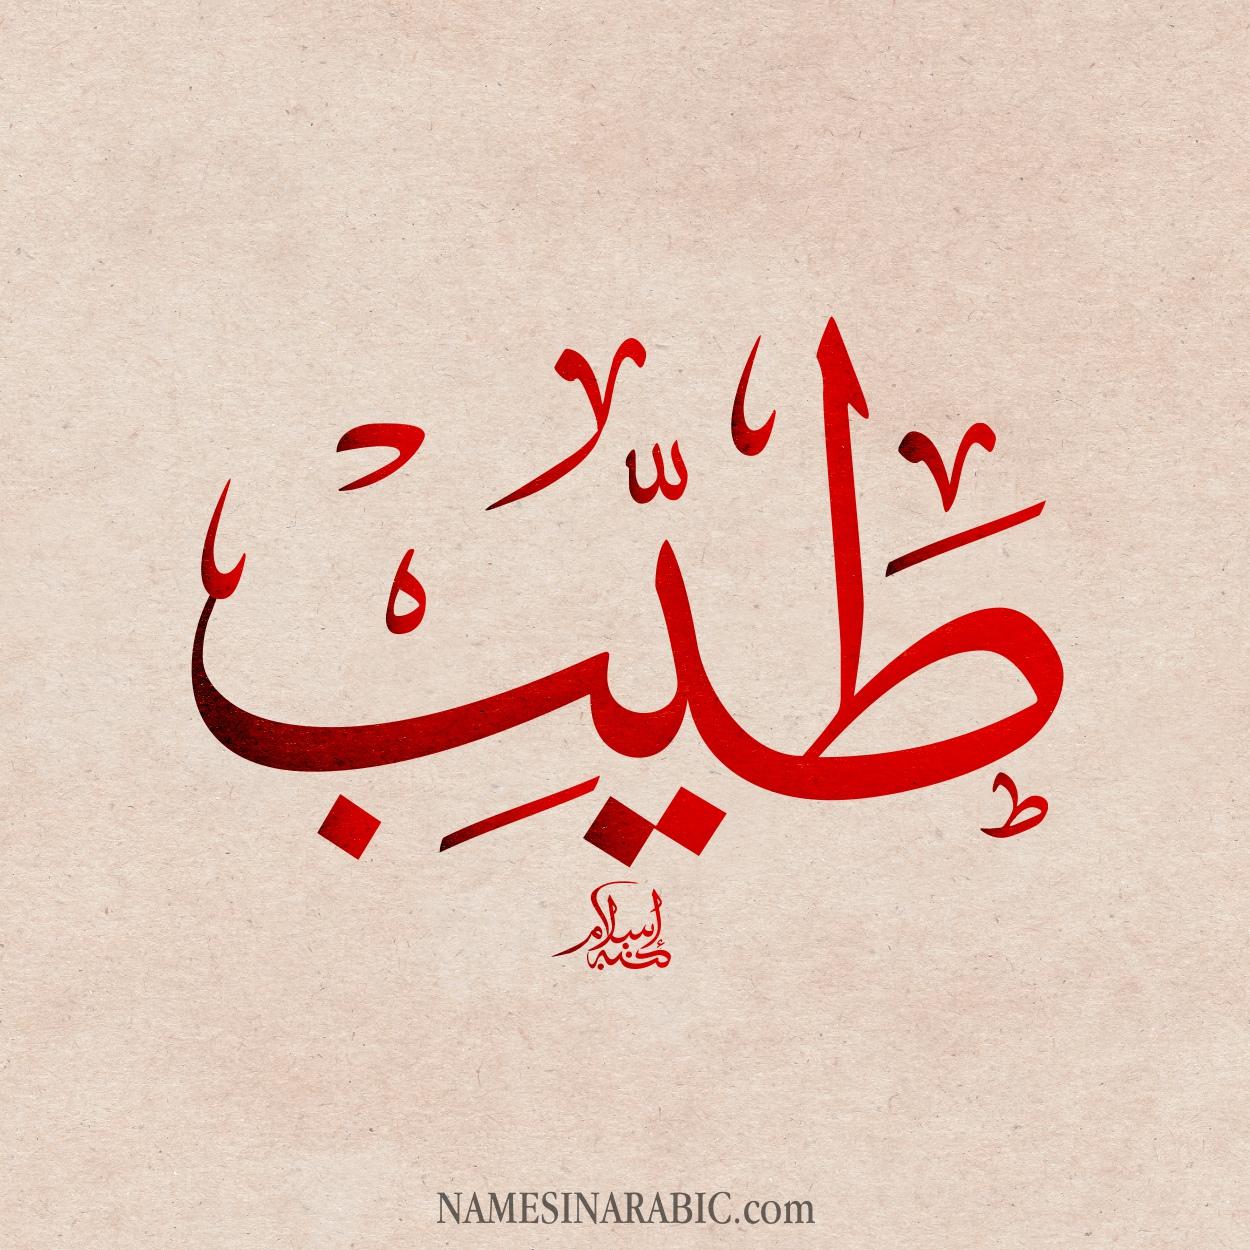 صور اسم بنات بحرف طاء , اجمل اسماء بنات بحرف الطاء